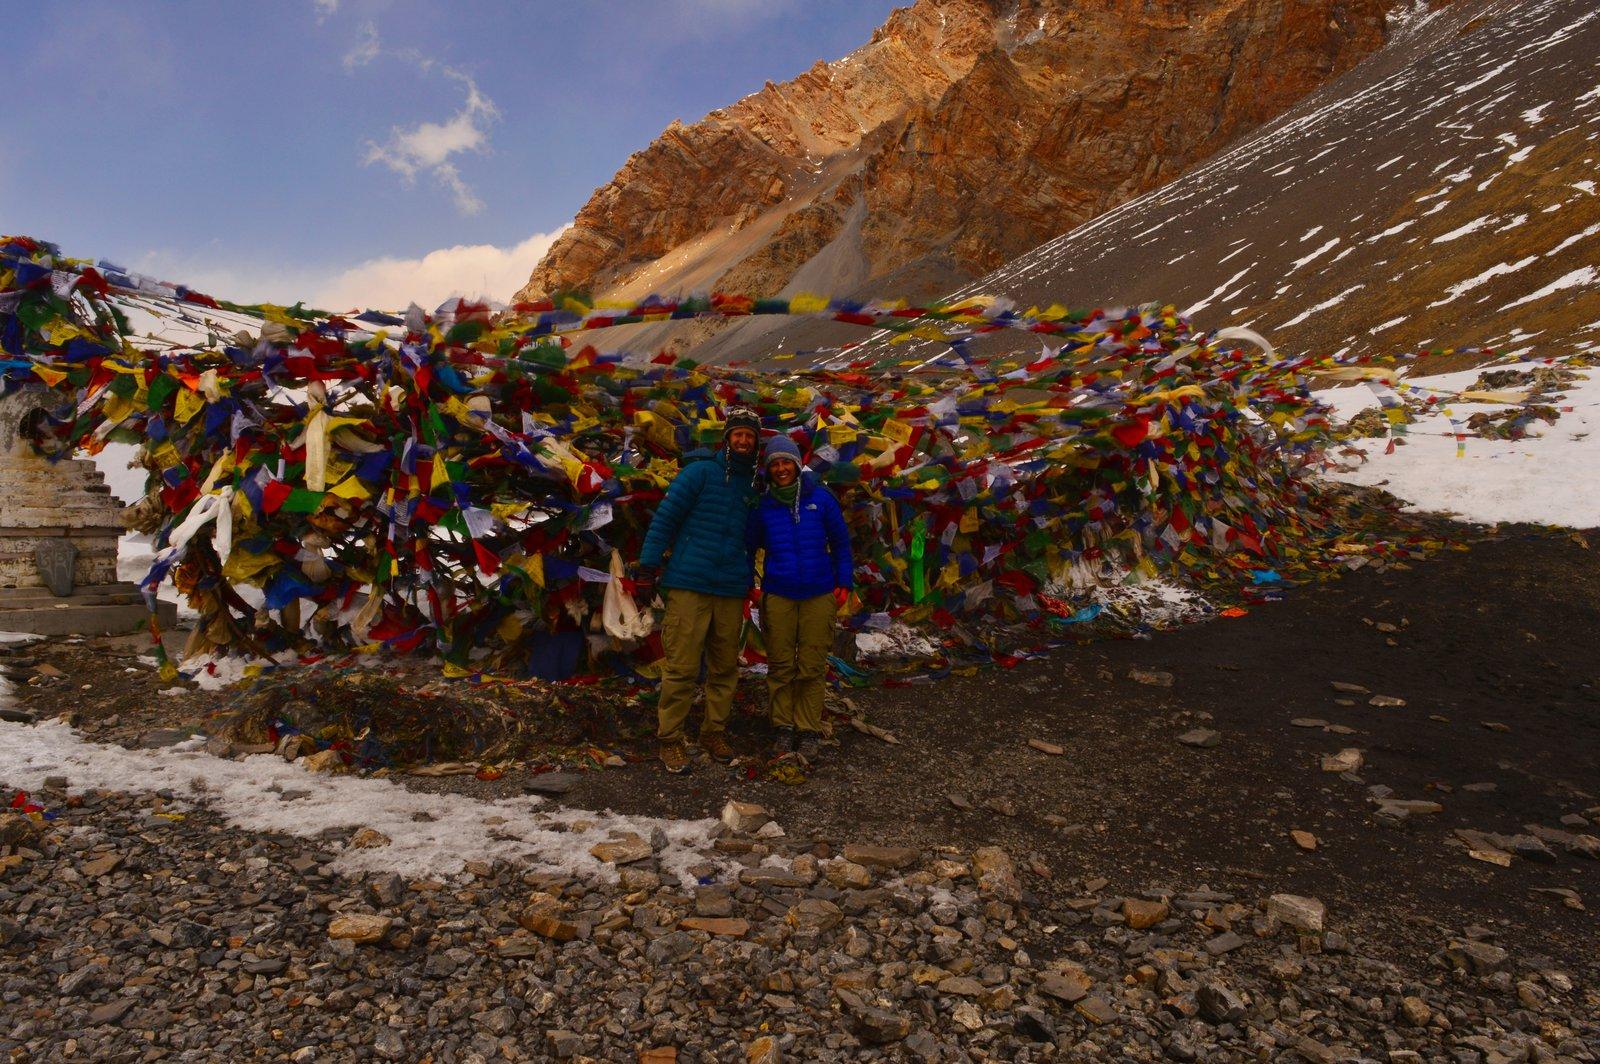 En el paso de Thorong, en el circuito de annapurna nepal.